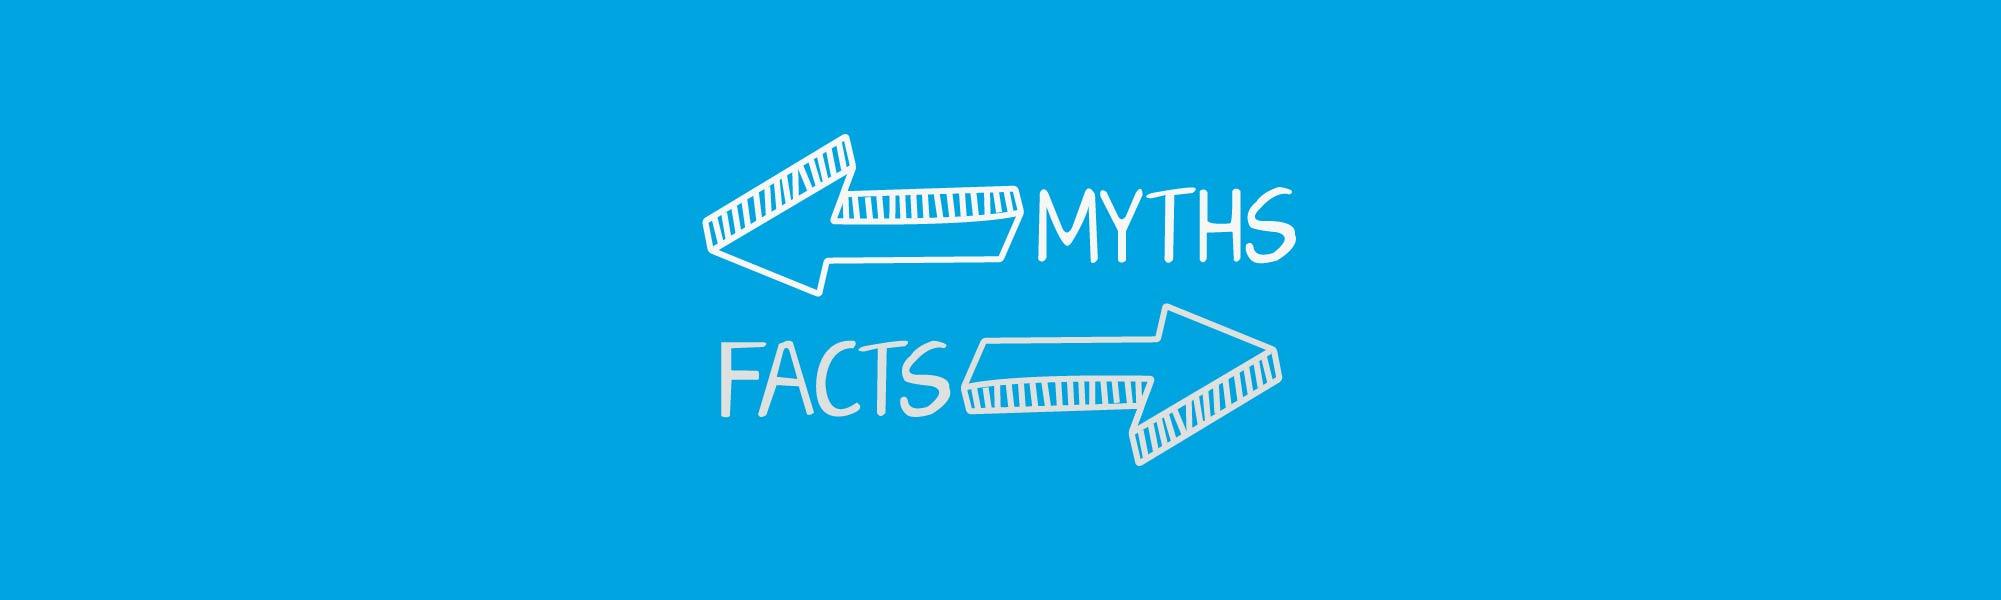 Parkison's Myths